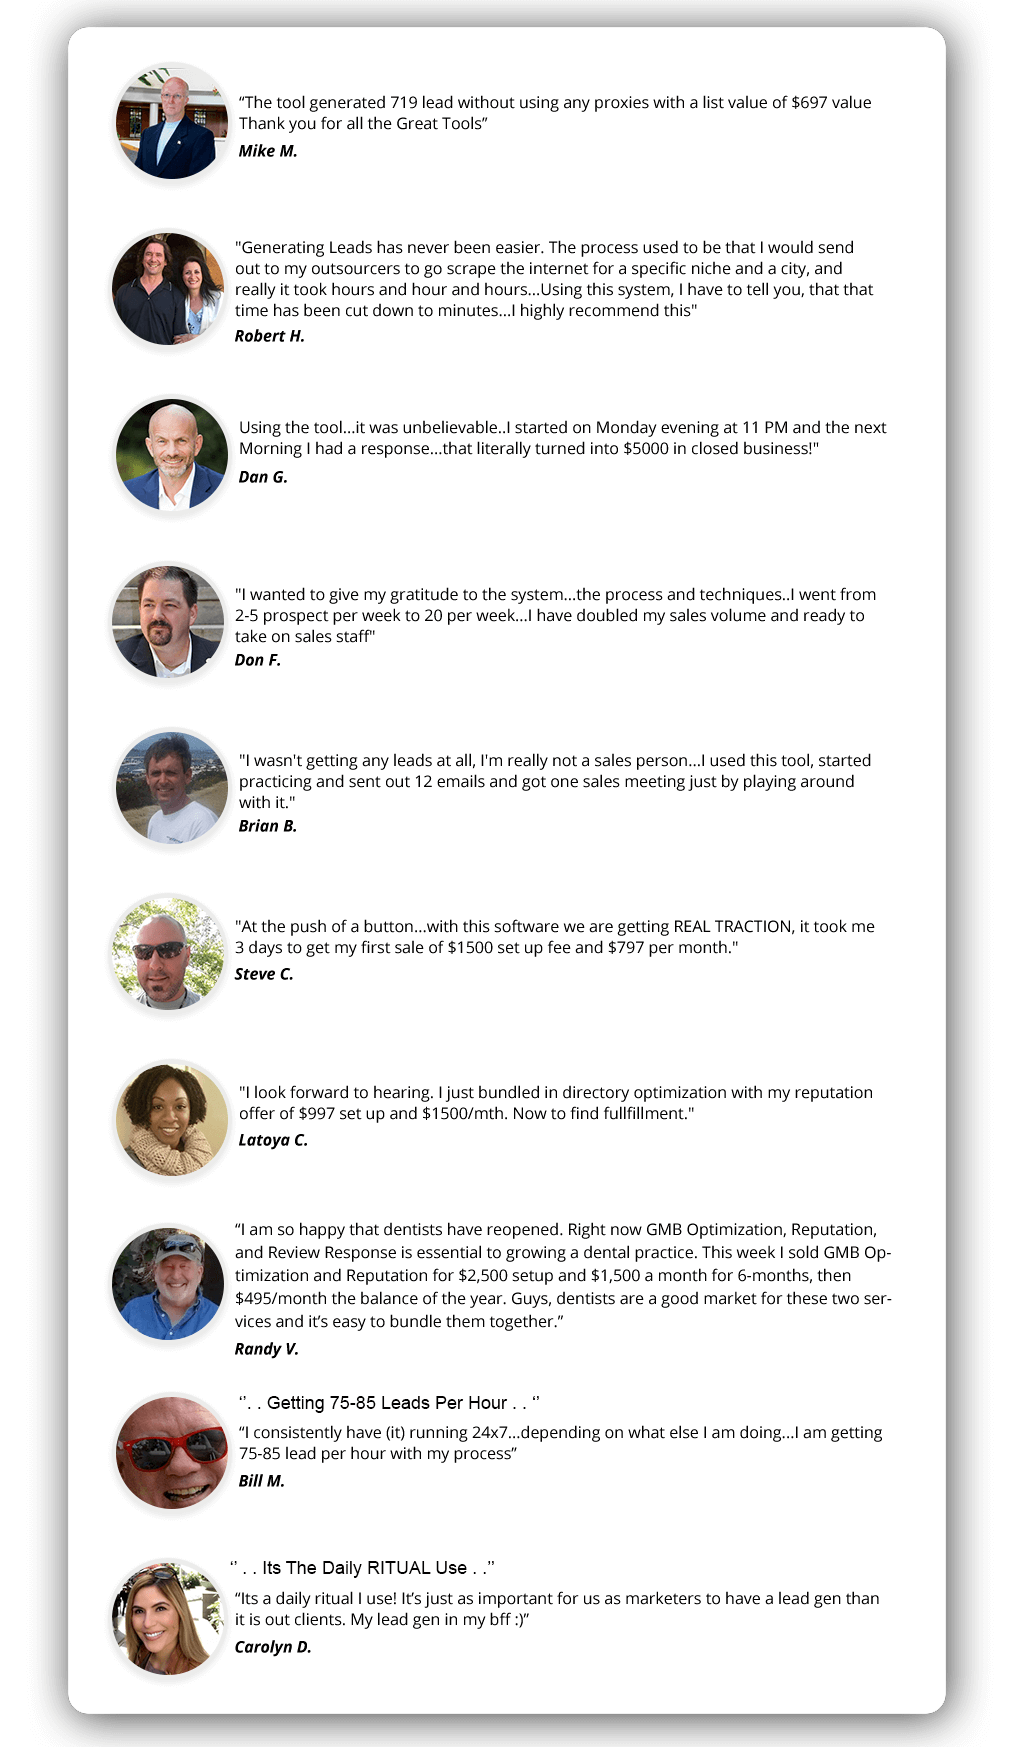 Digital-Profit-Machine-Comment-1